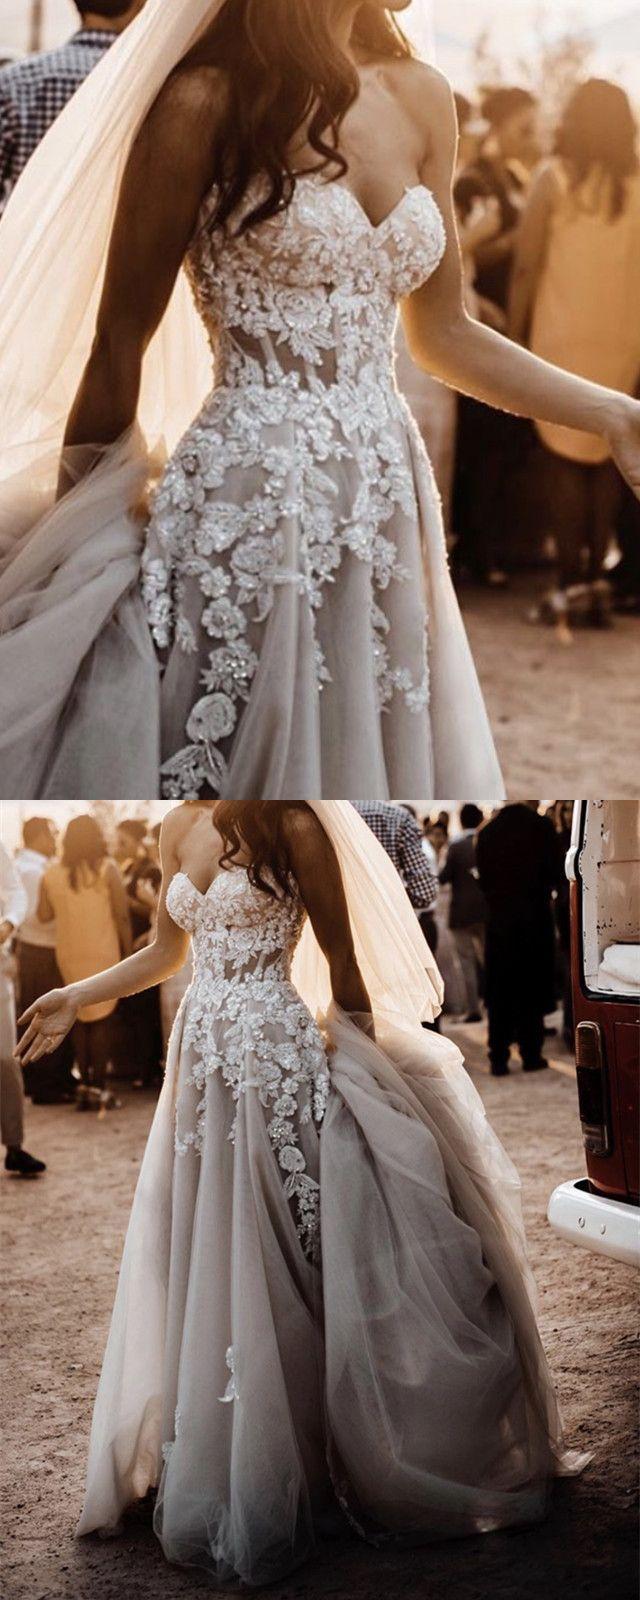 Boho Wedding Dress Beach Wedding Dress Summer Wedding Dress